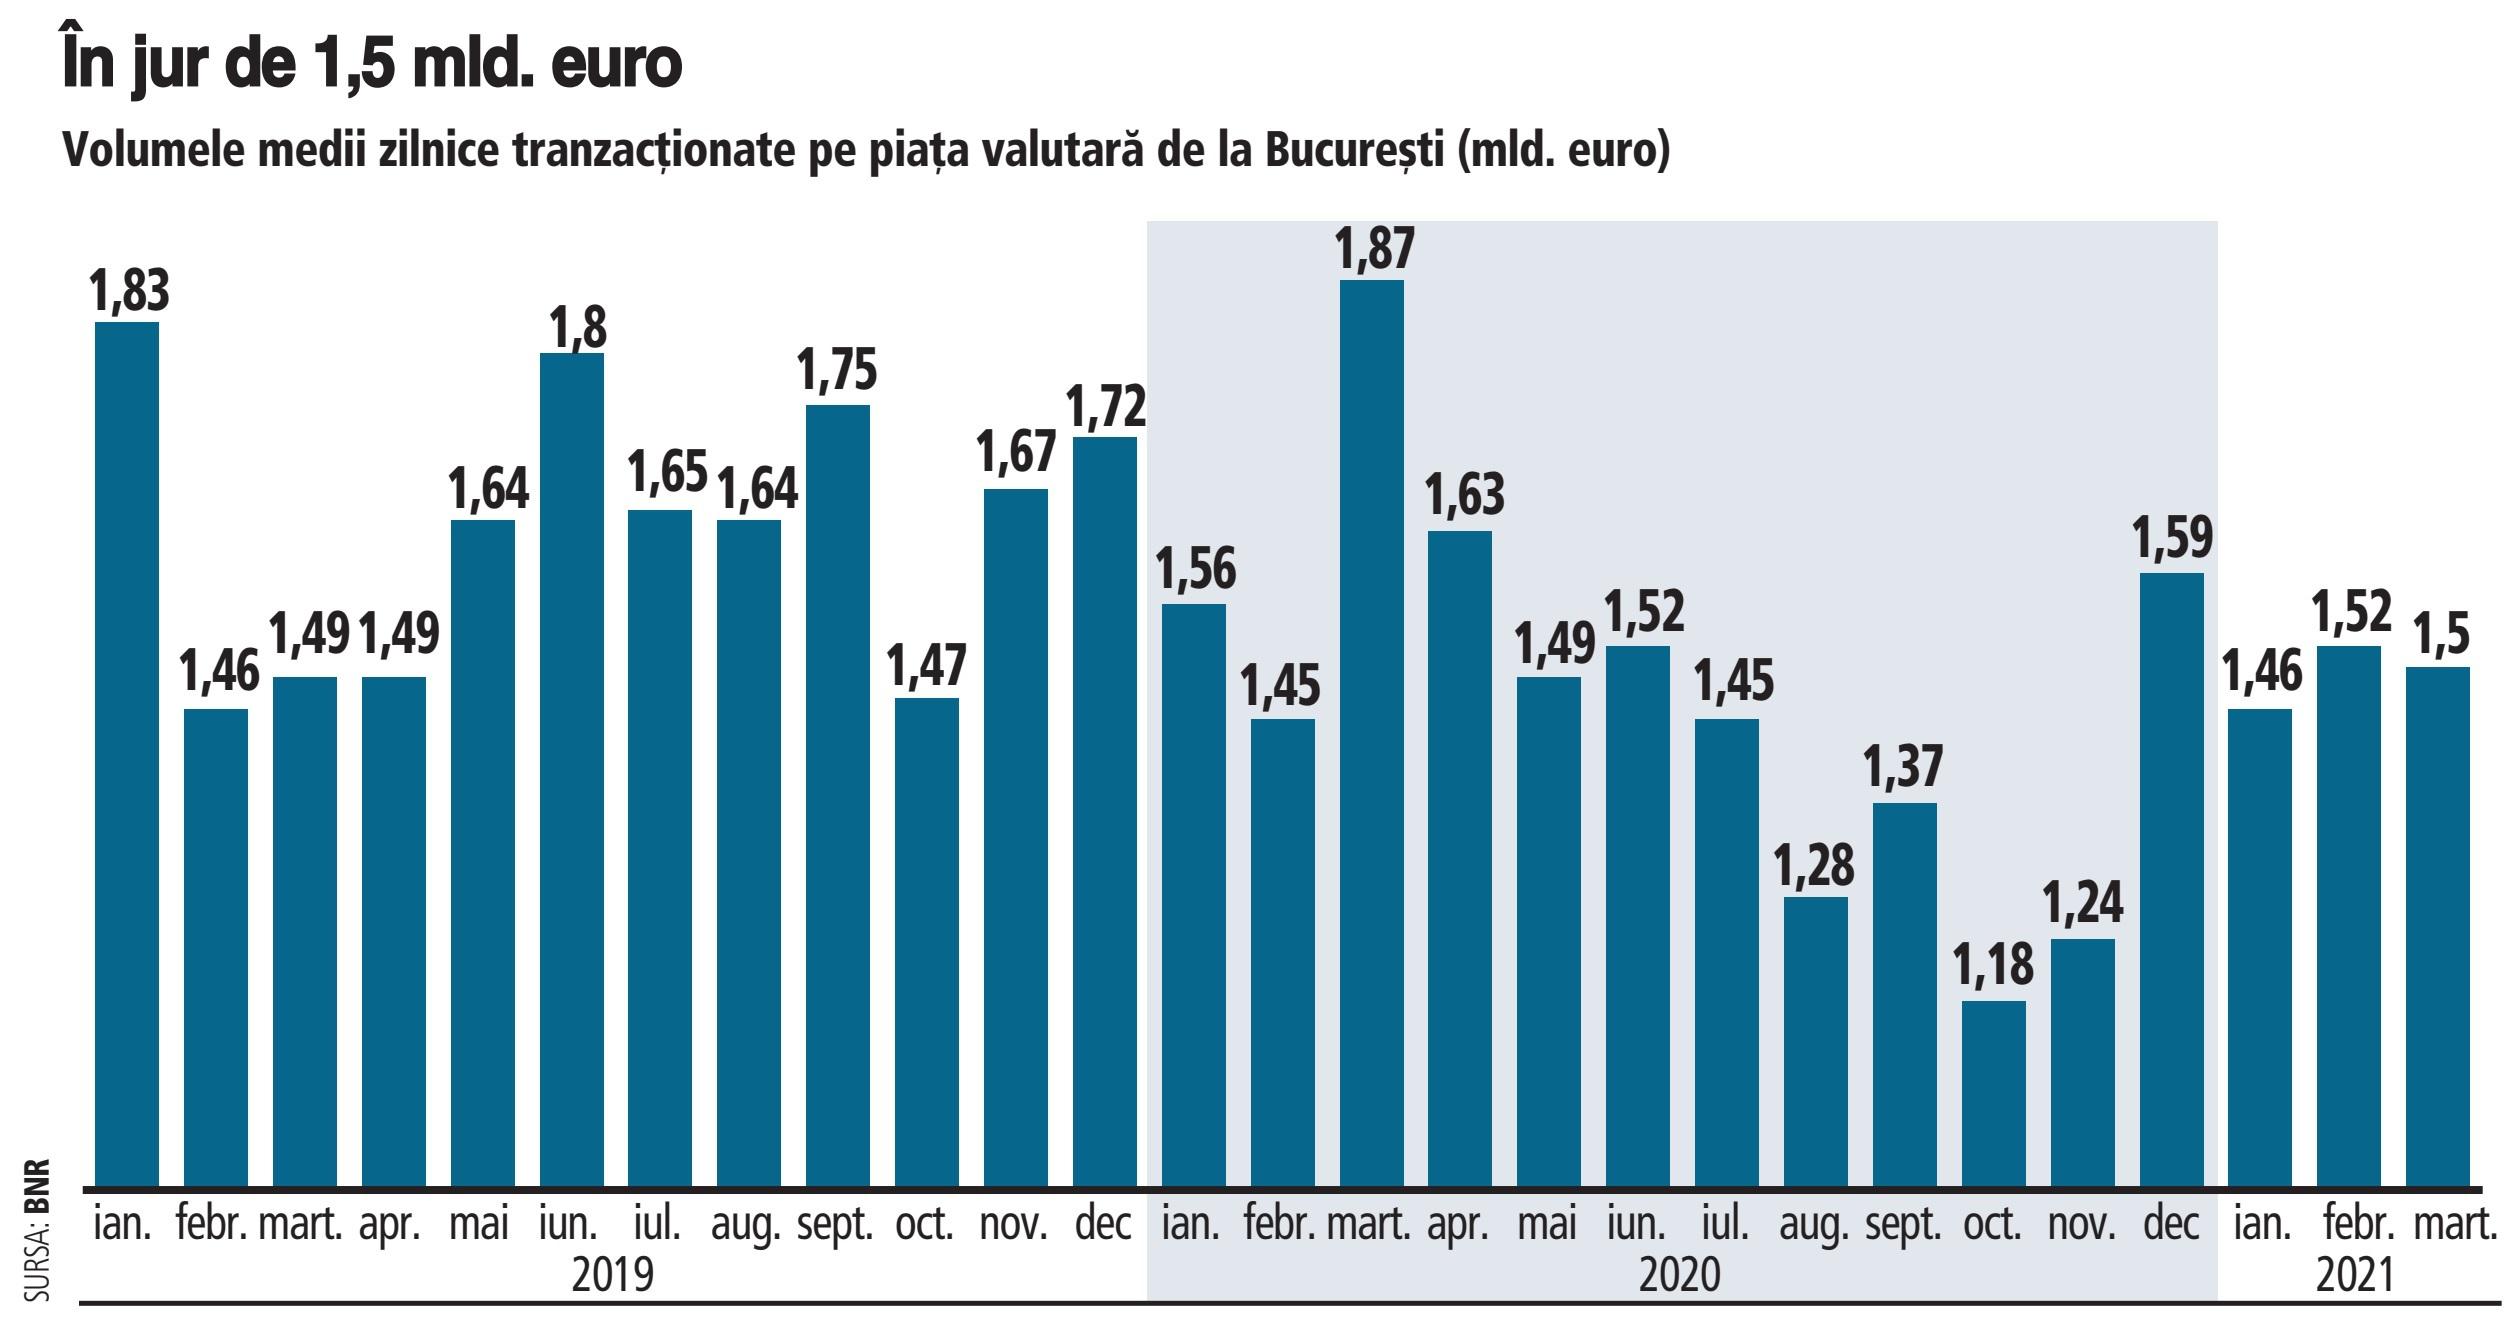 volumele pieței valutare